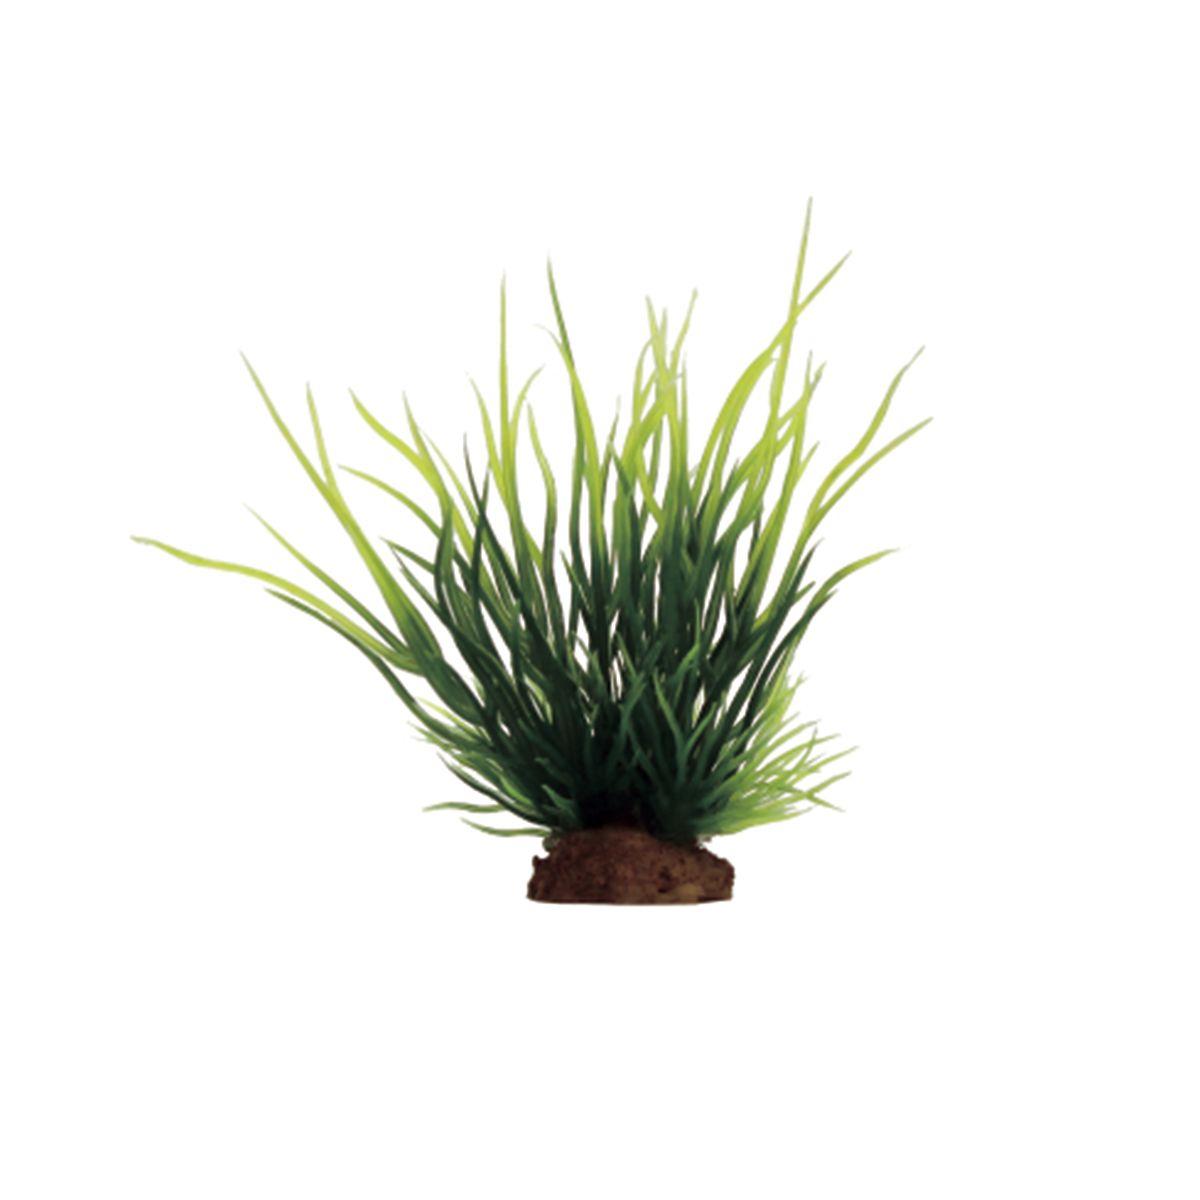 Растение для аквариума ArtUniq Лилеопсис, высота 10 см, 6 штART-1170518Растение для аквариума ArtUniq Лилеопсис, высота 10 см, 6 шт